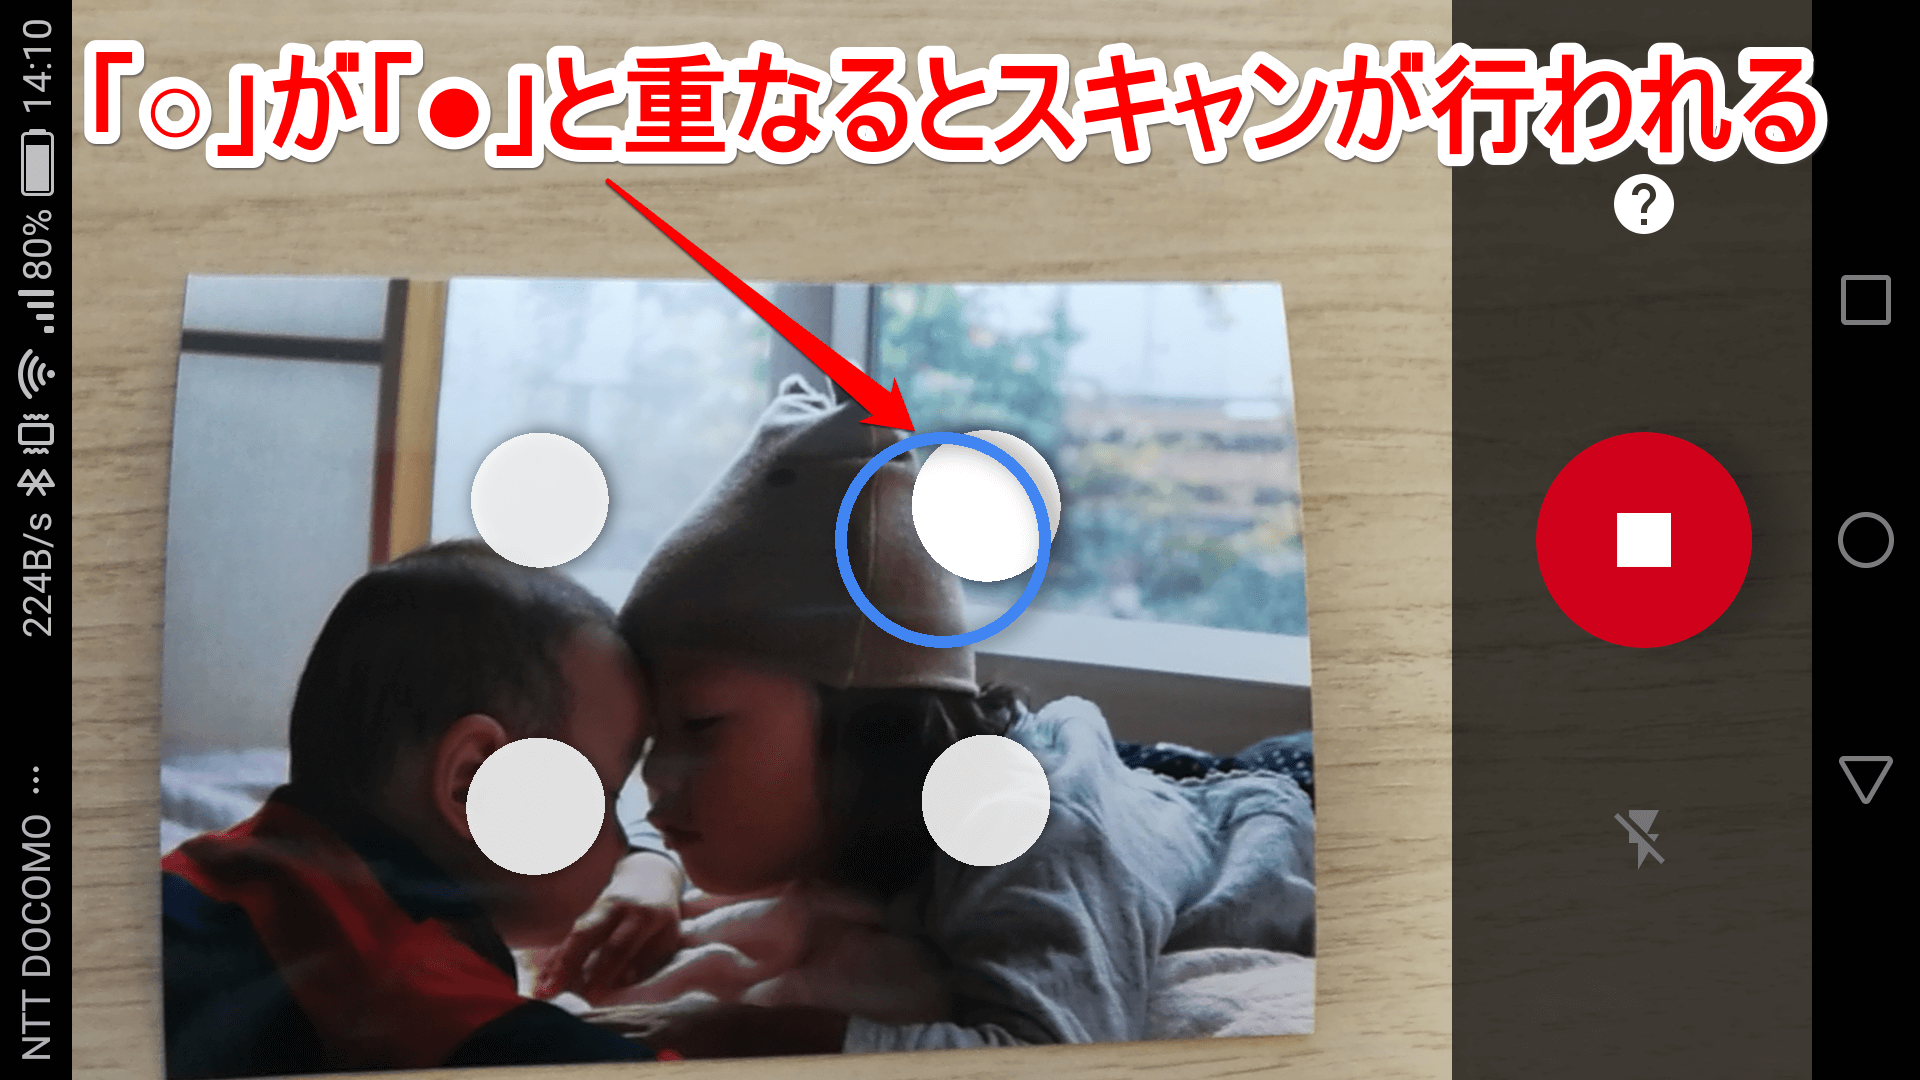 [フォトスキャン]アプリで1つ目の白丸をスキャンする画面